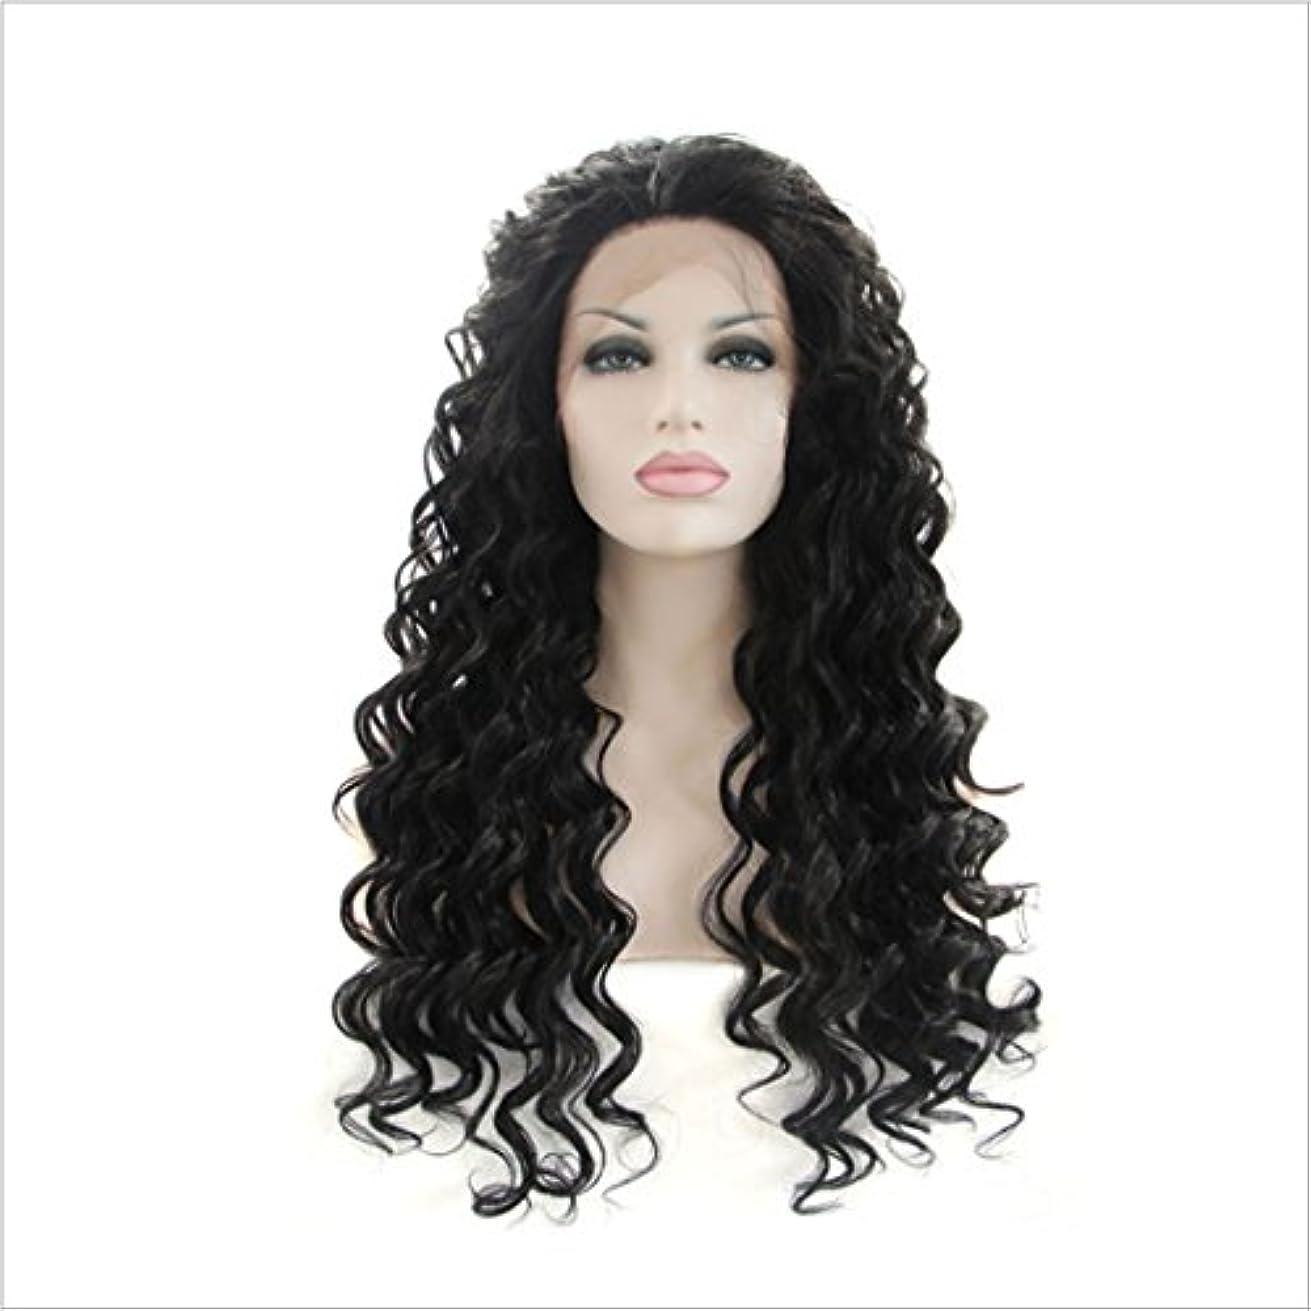 偶然恥ずかしさ女将JIANFU (ブラウン黒、黒)女性のための耐熱性のウィッグレース前部アフリカンスモールロールズナチュラルカラーの髪完全な手織りの髪のための合成長いカーリーウィッグ (Color : ブラック)